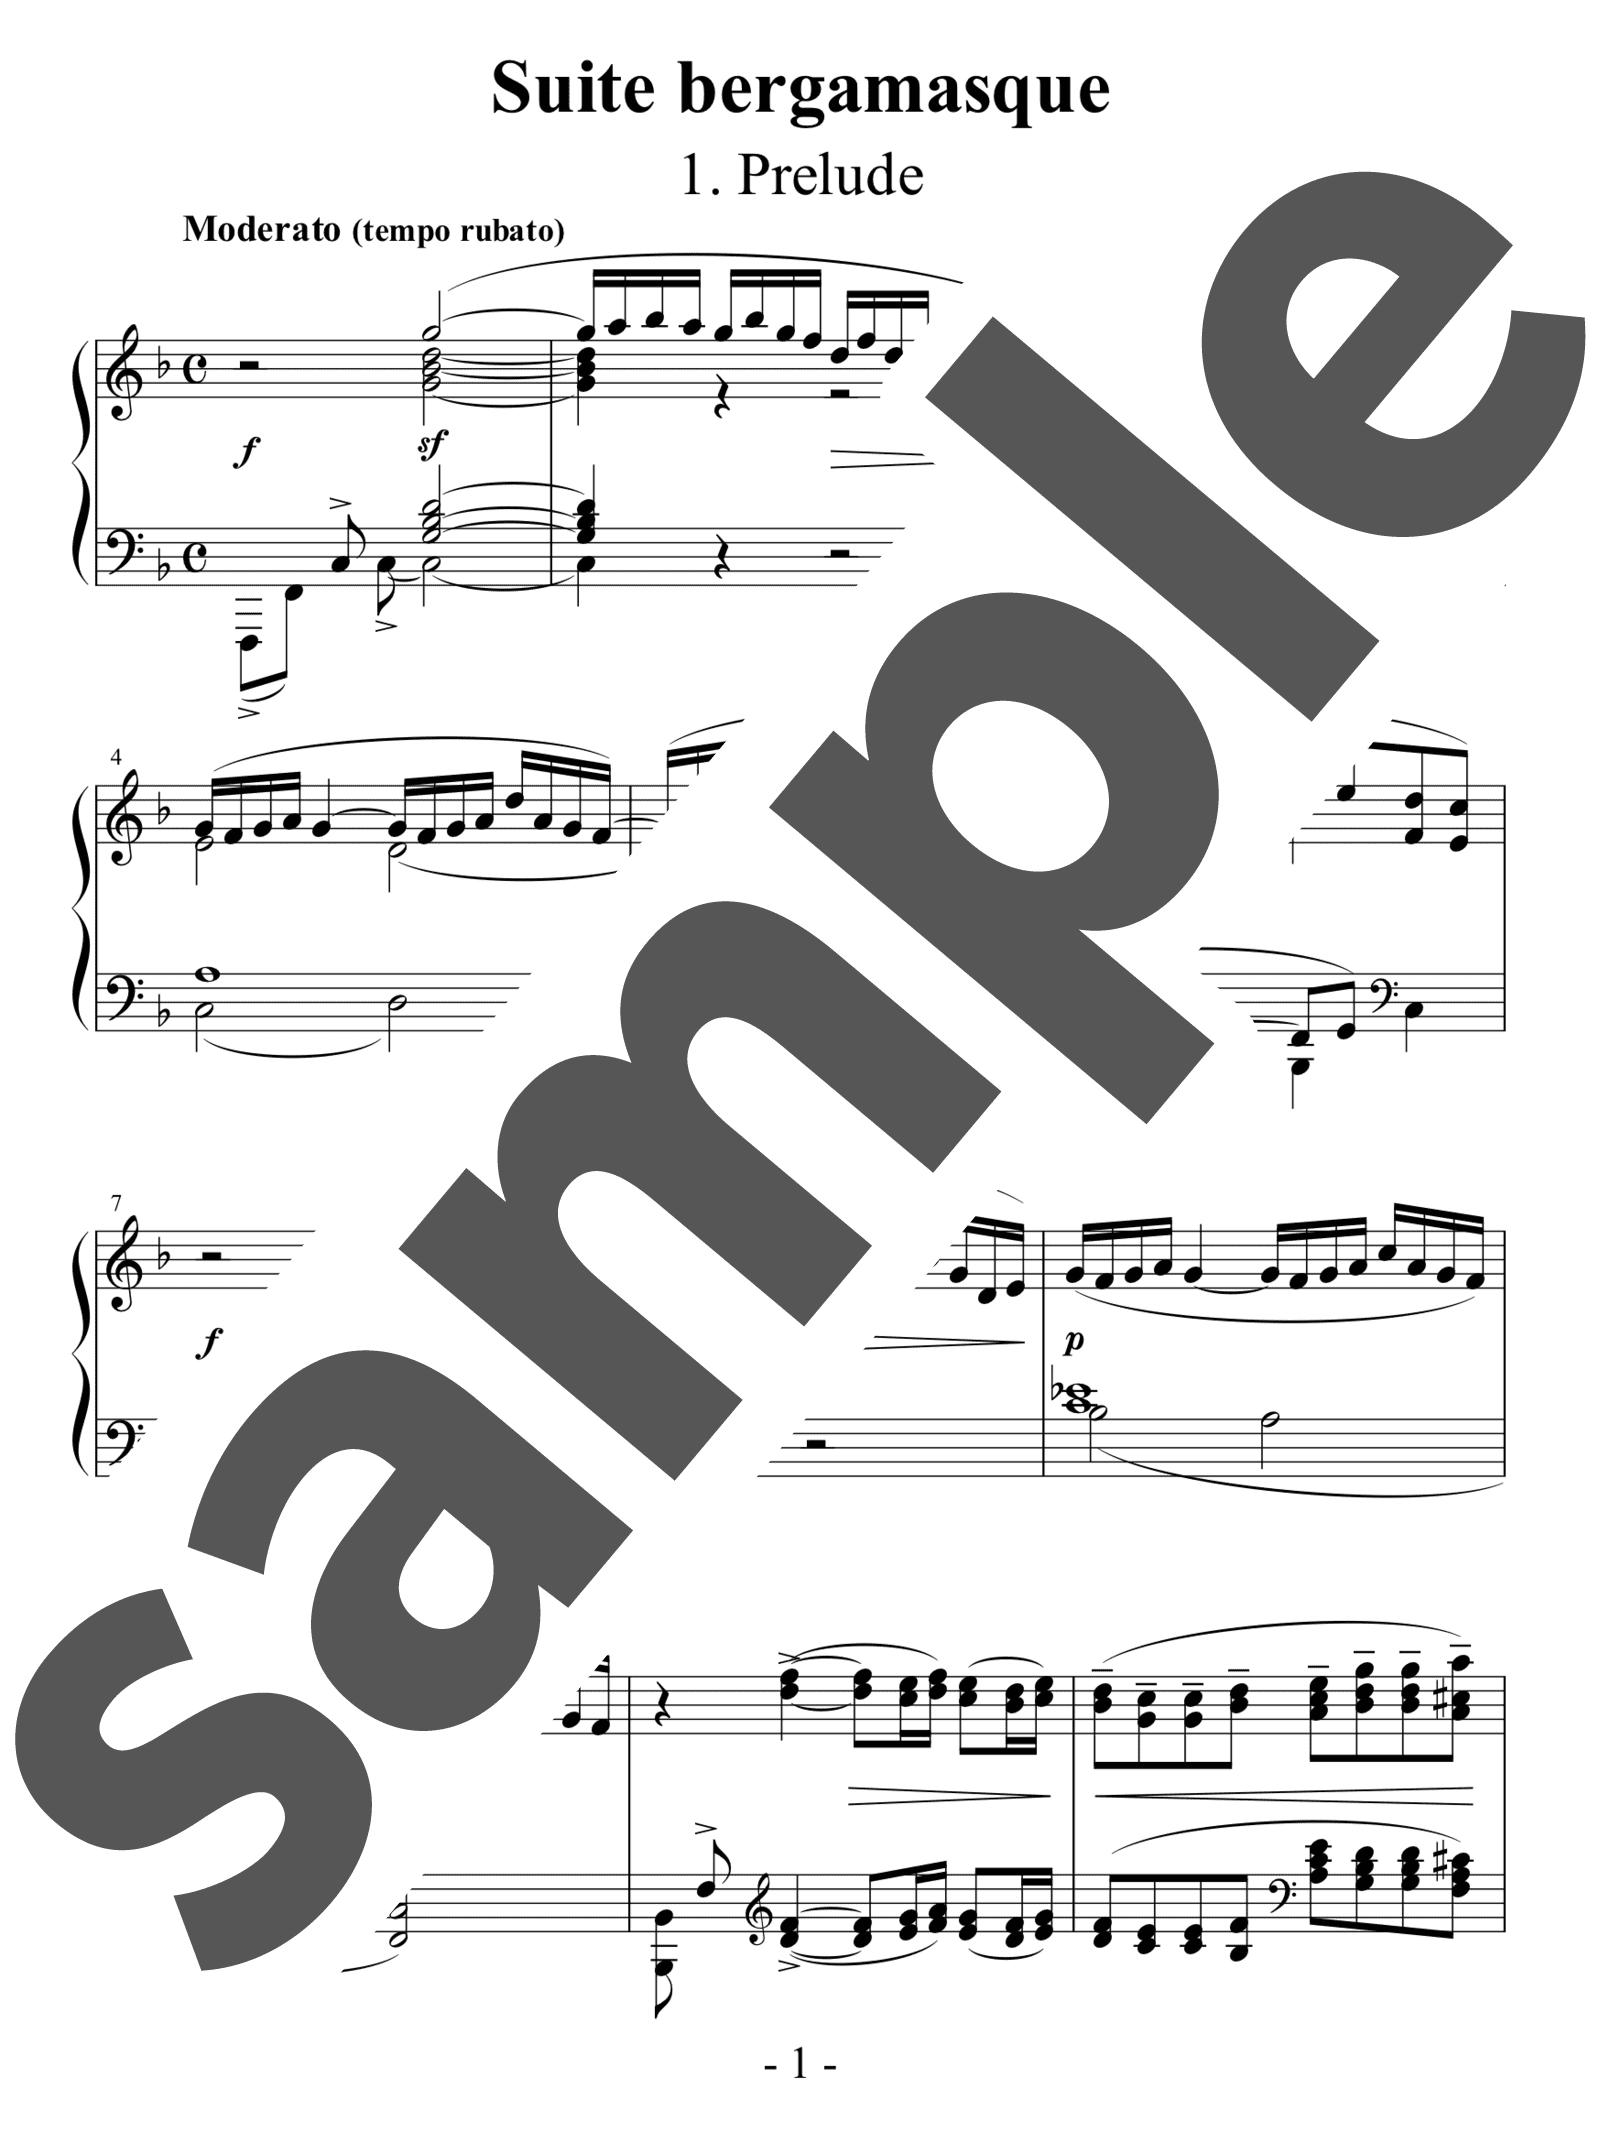 「ベルガマスク組曲1.プレリュード」のサンプル楽譜